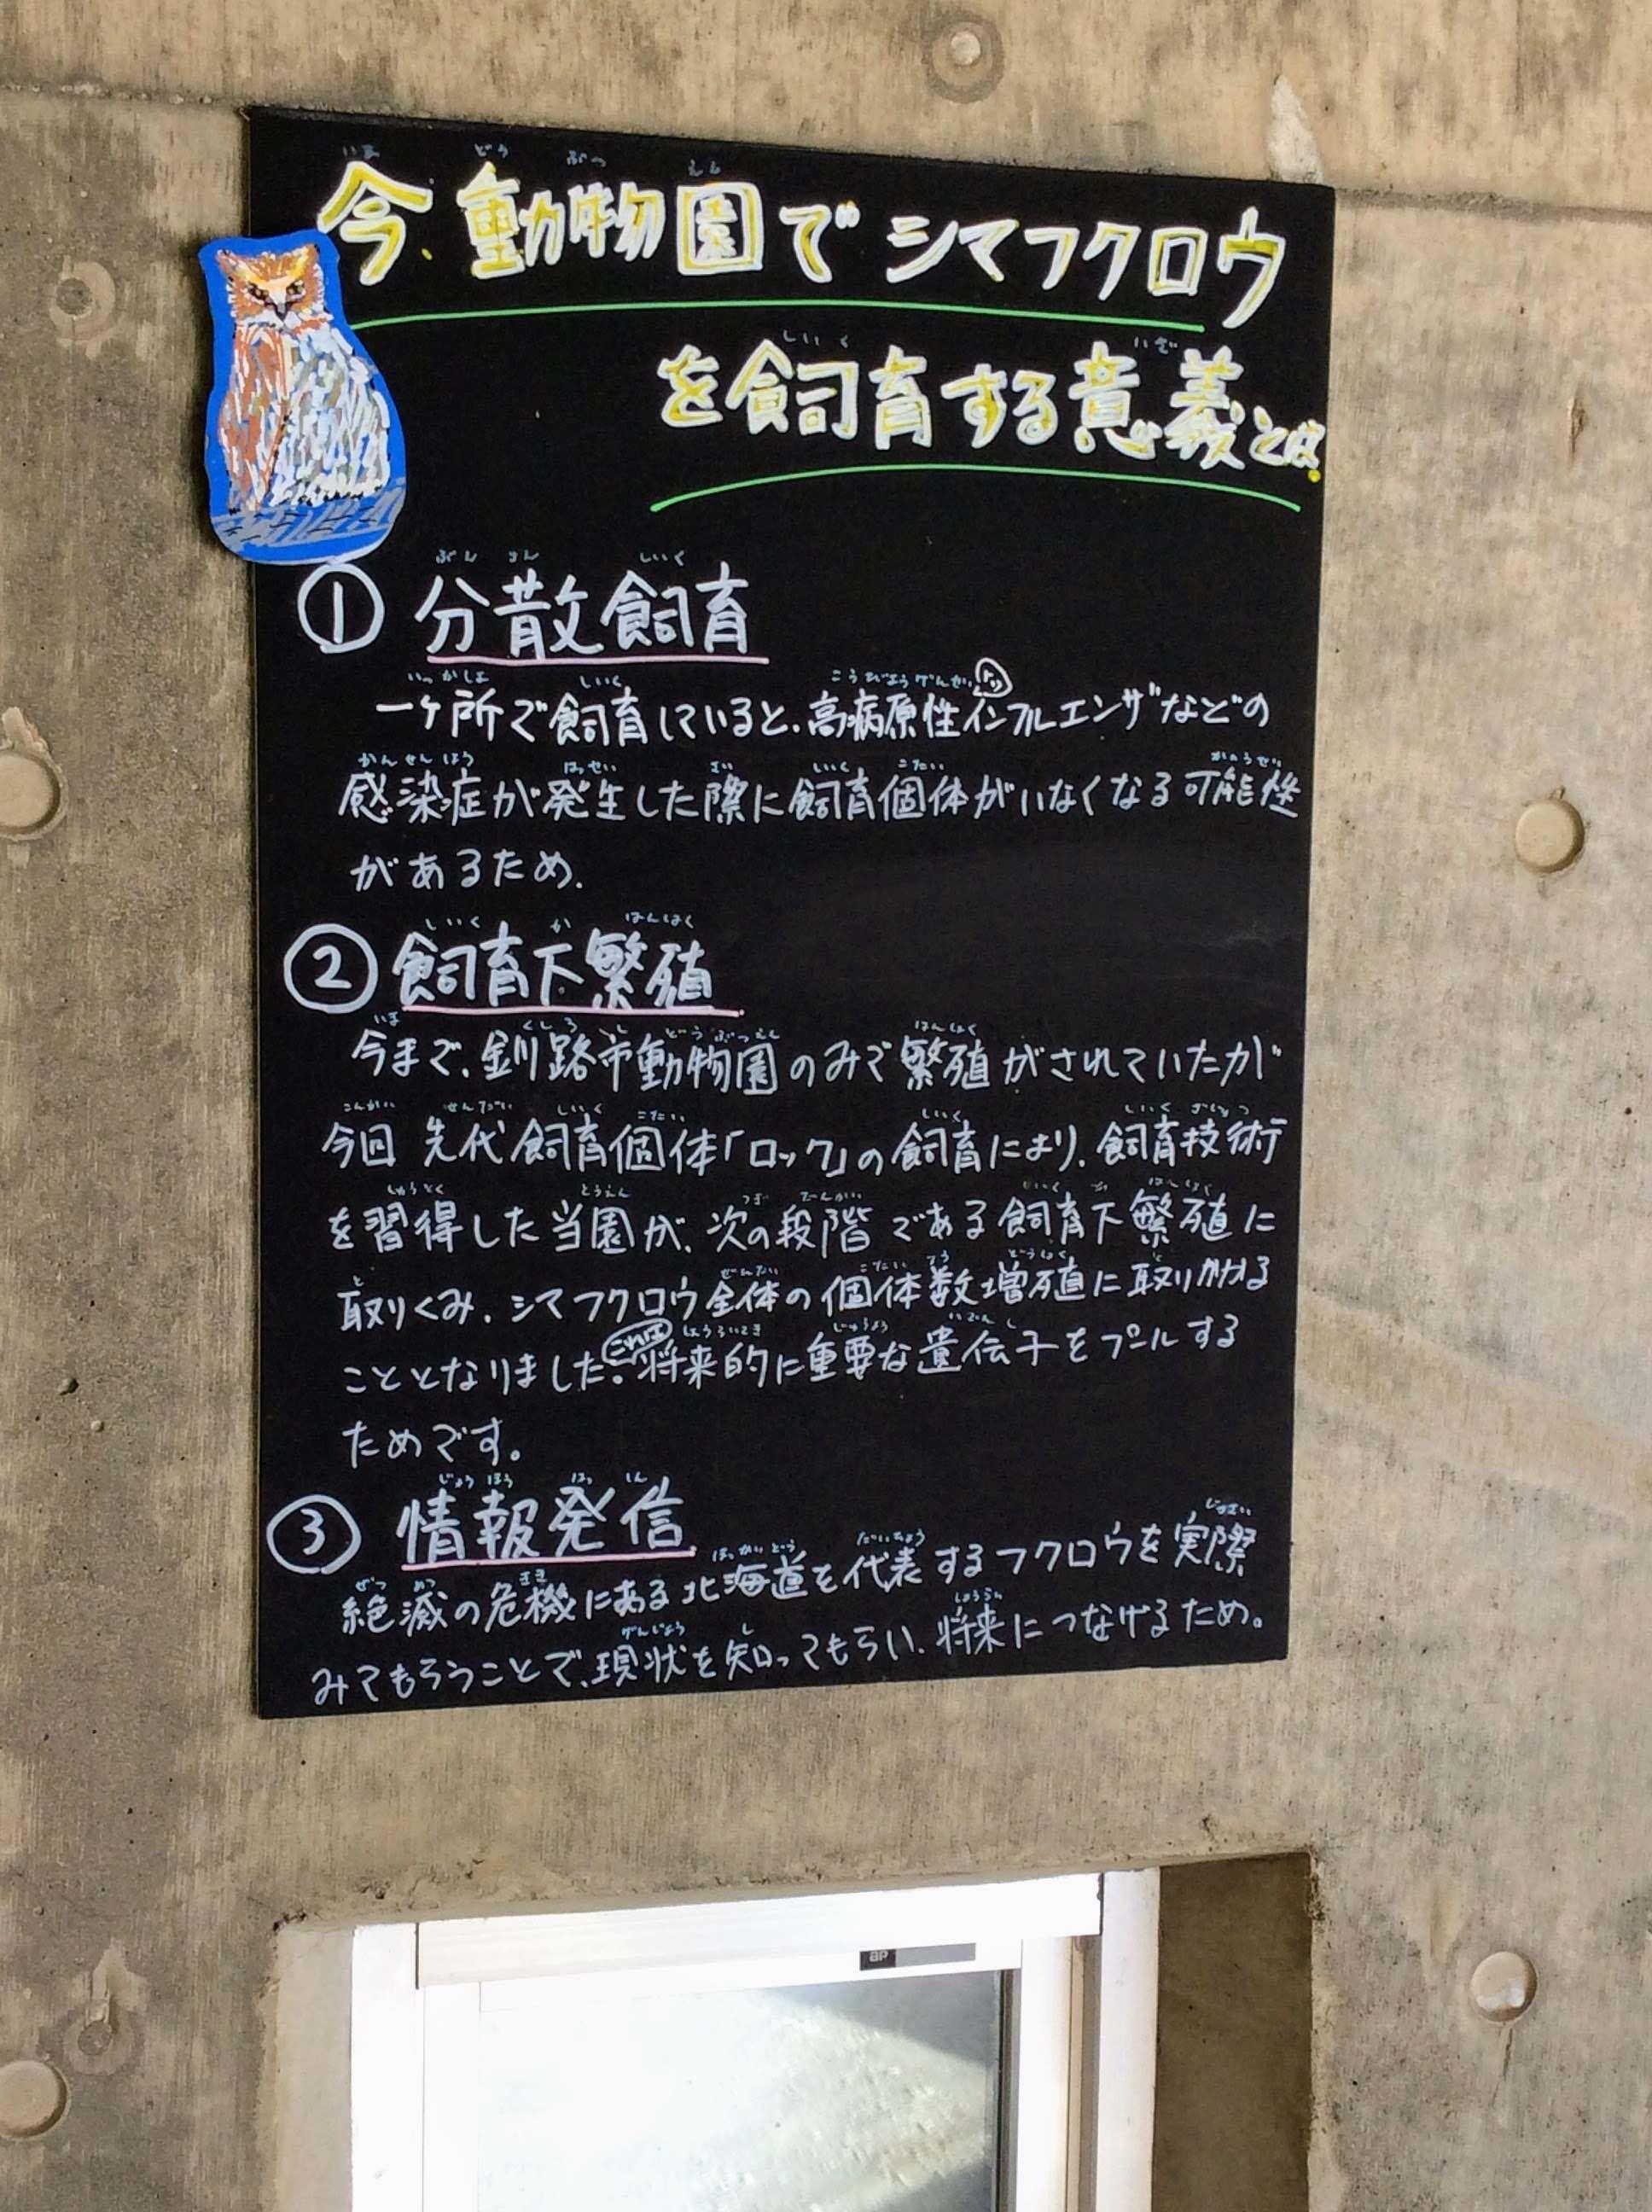 旭山動物園 「今動物園でシマフクロウを飼育する意義とは」